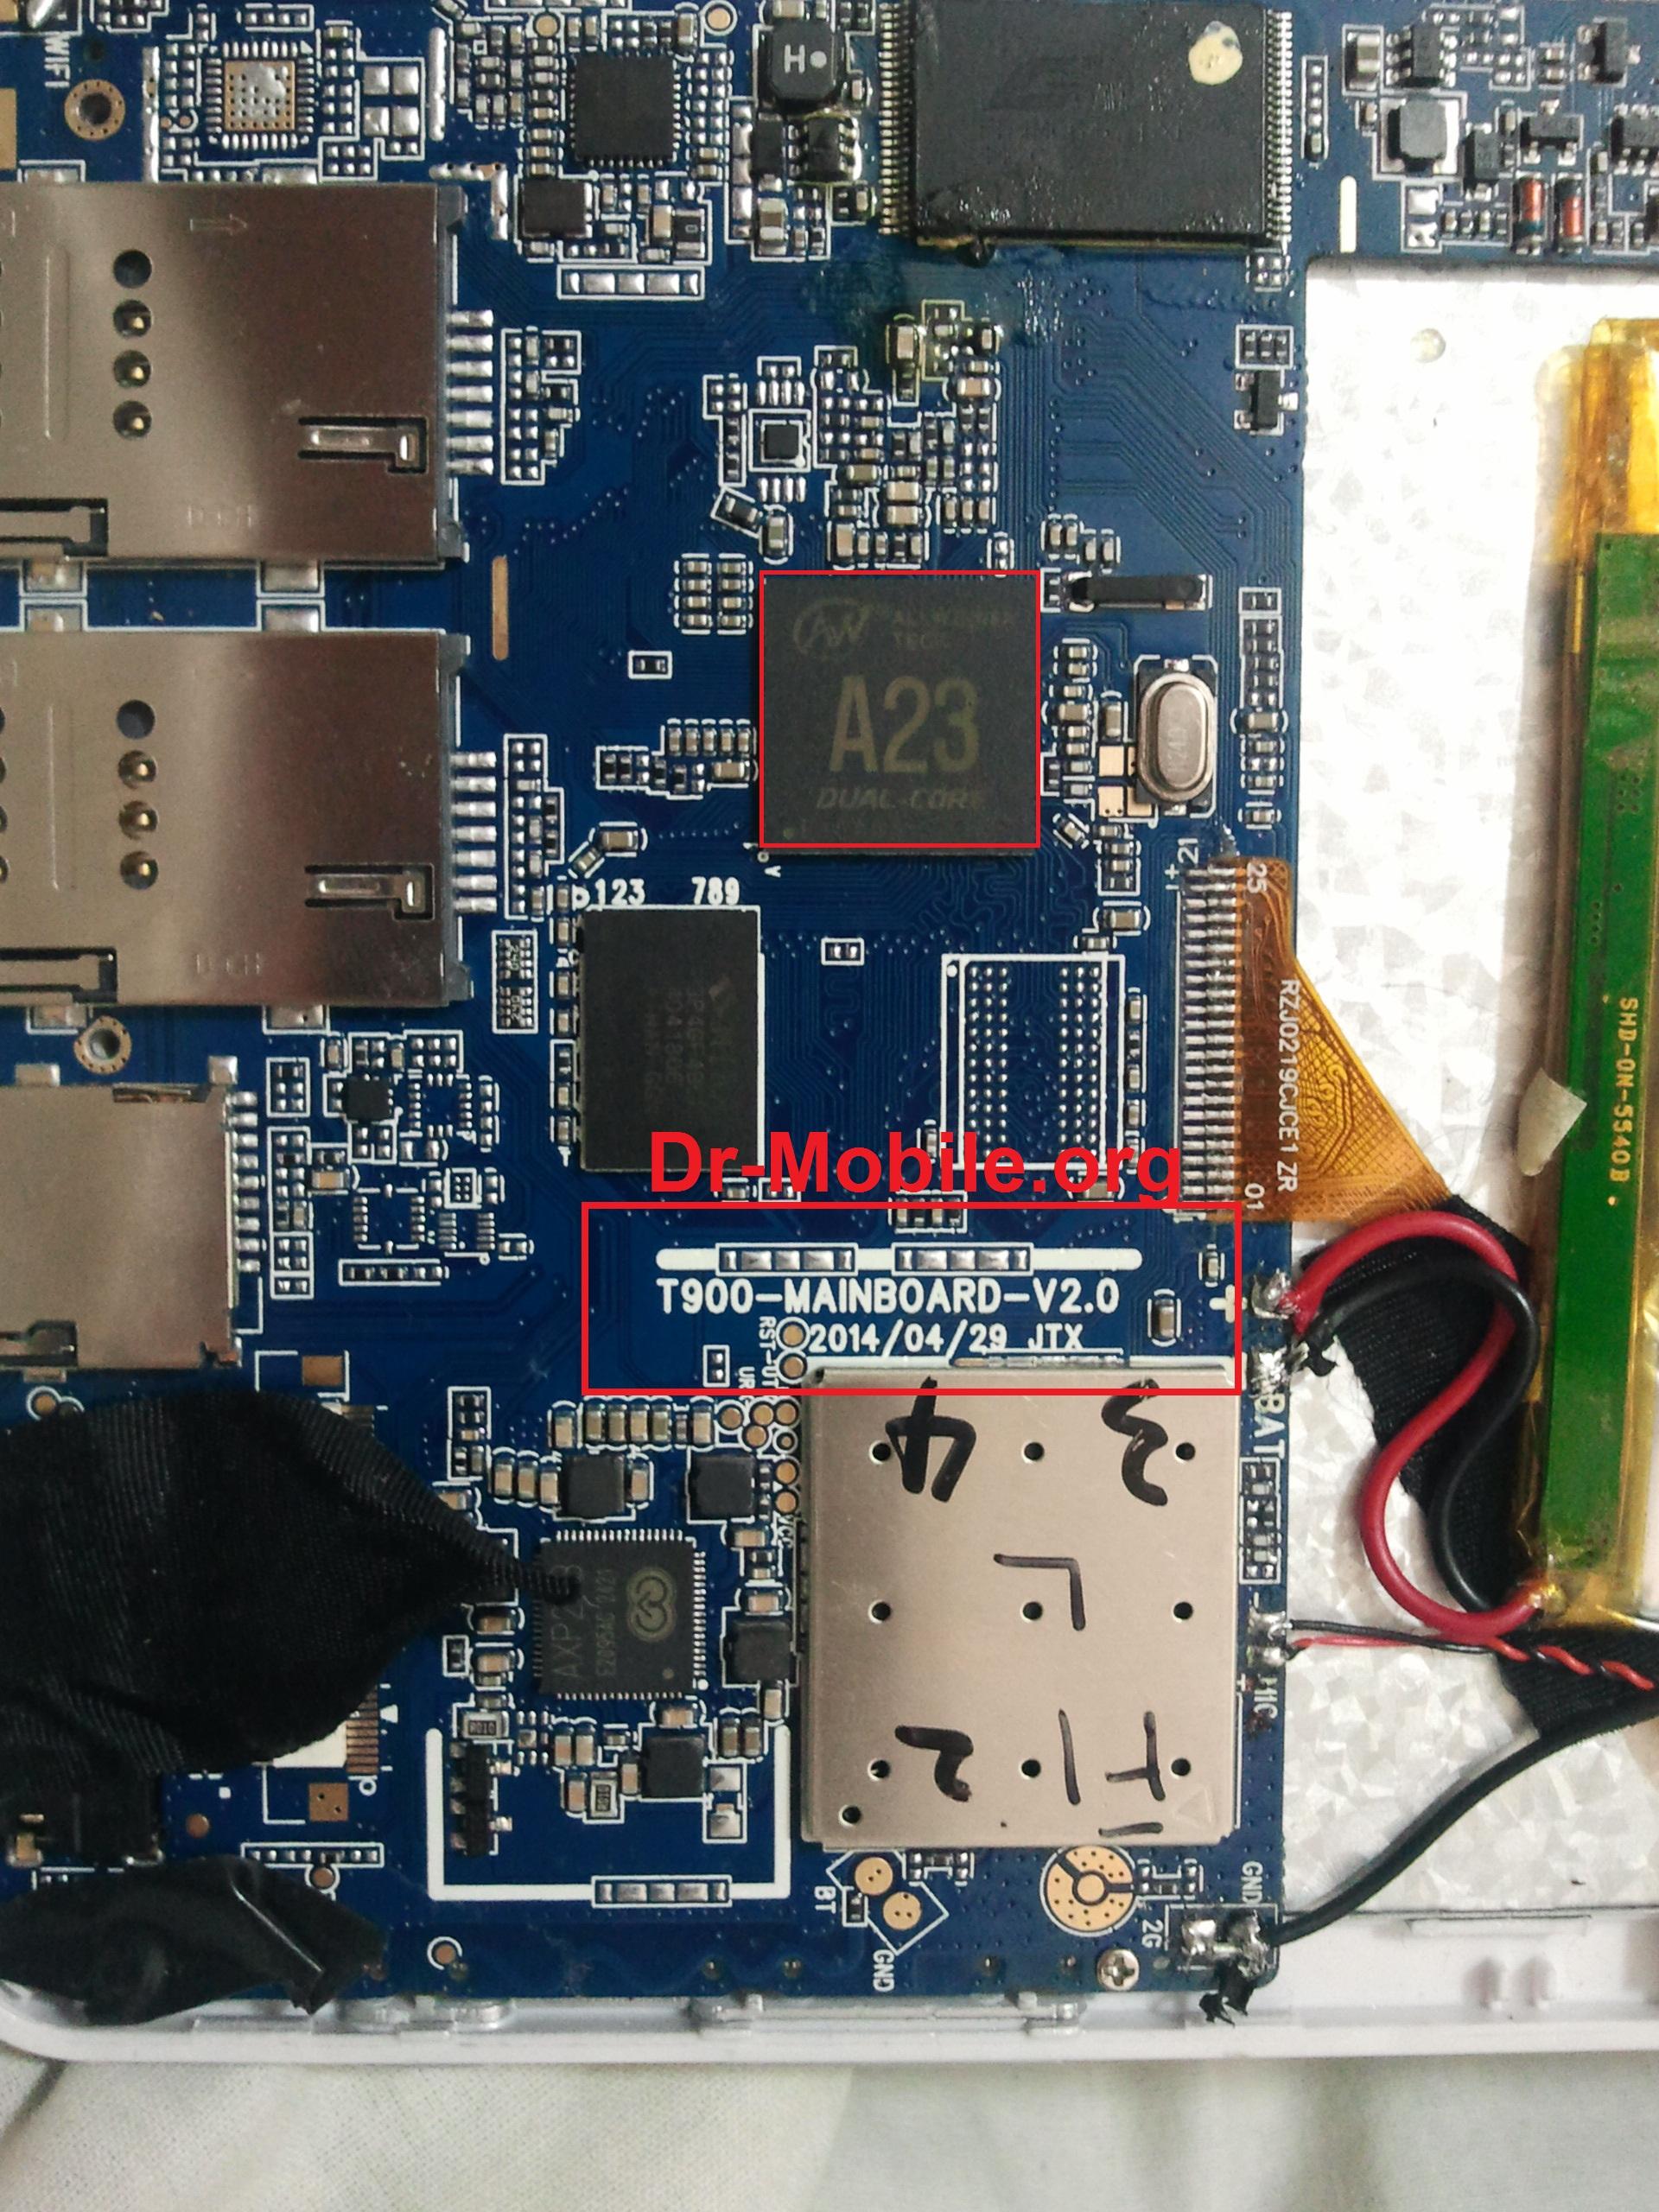 فایل فلش تبلت T900-MAINBOARD-V2.0 -20140429 JTX